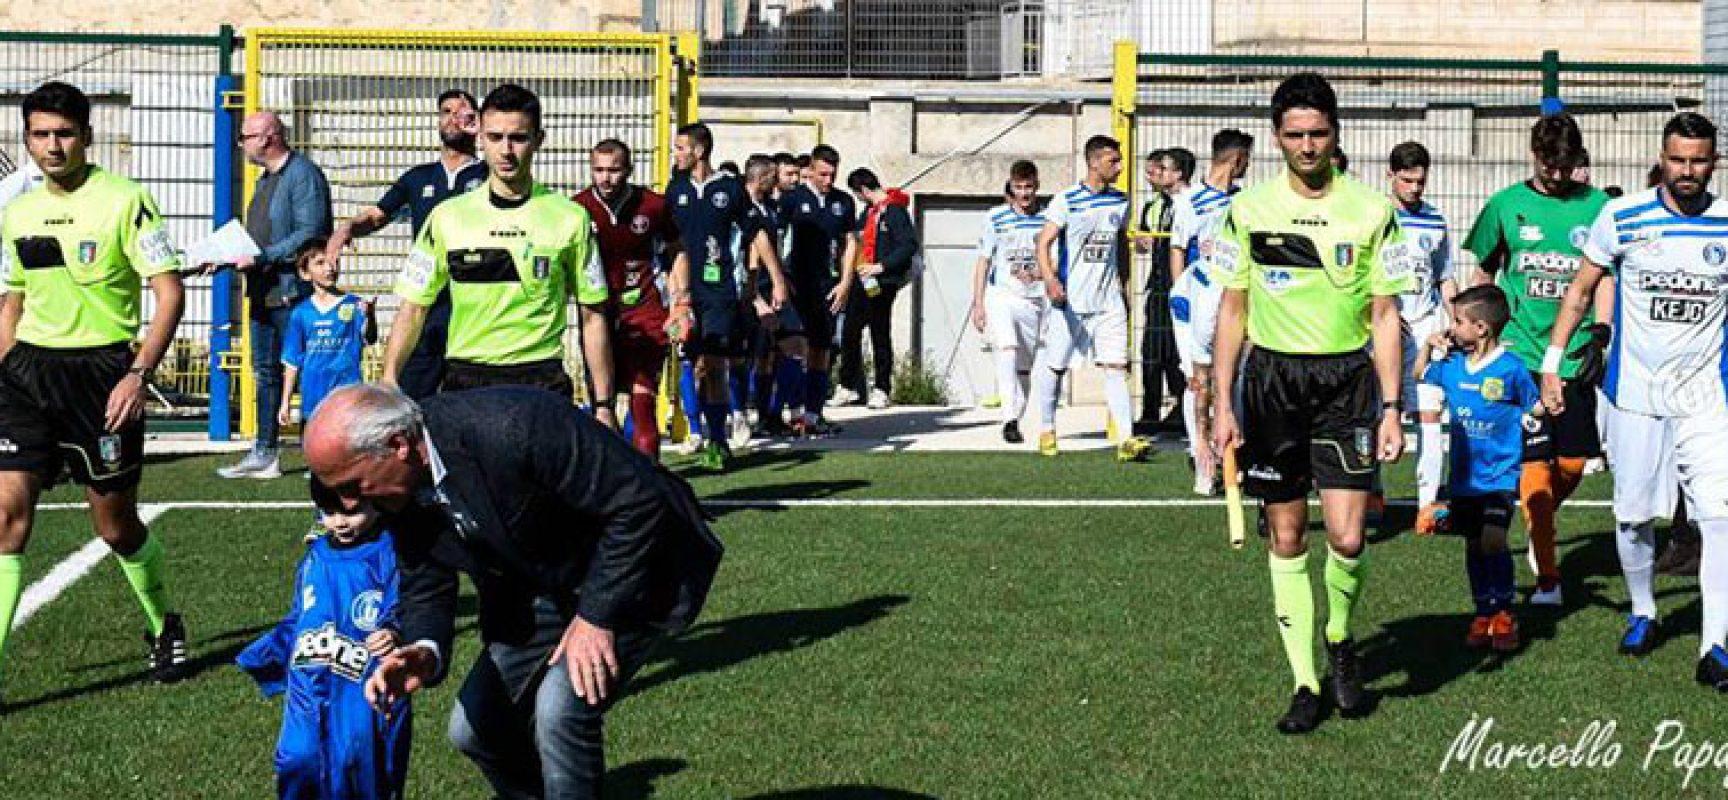 """Pesante multa per l'Unione Calcio che replica duramente: """"Delusi e danneggiati per quanto dipinto artificiosamente"""""""